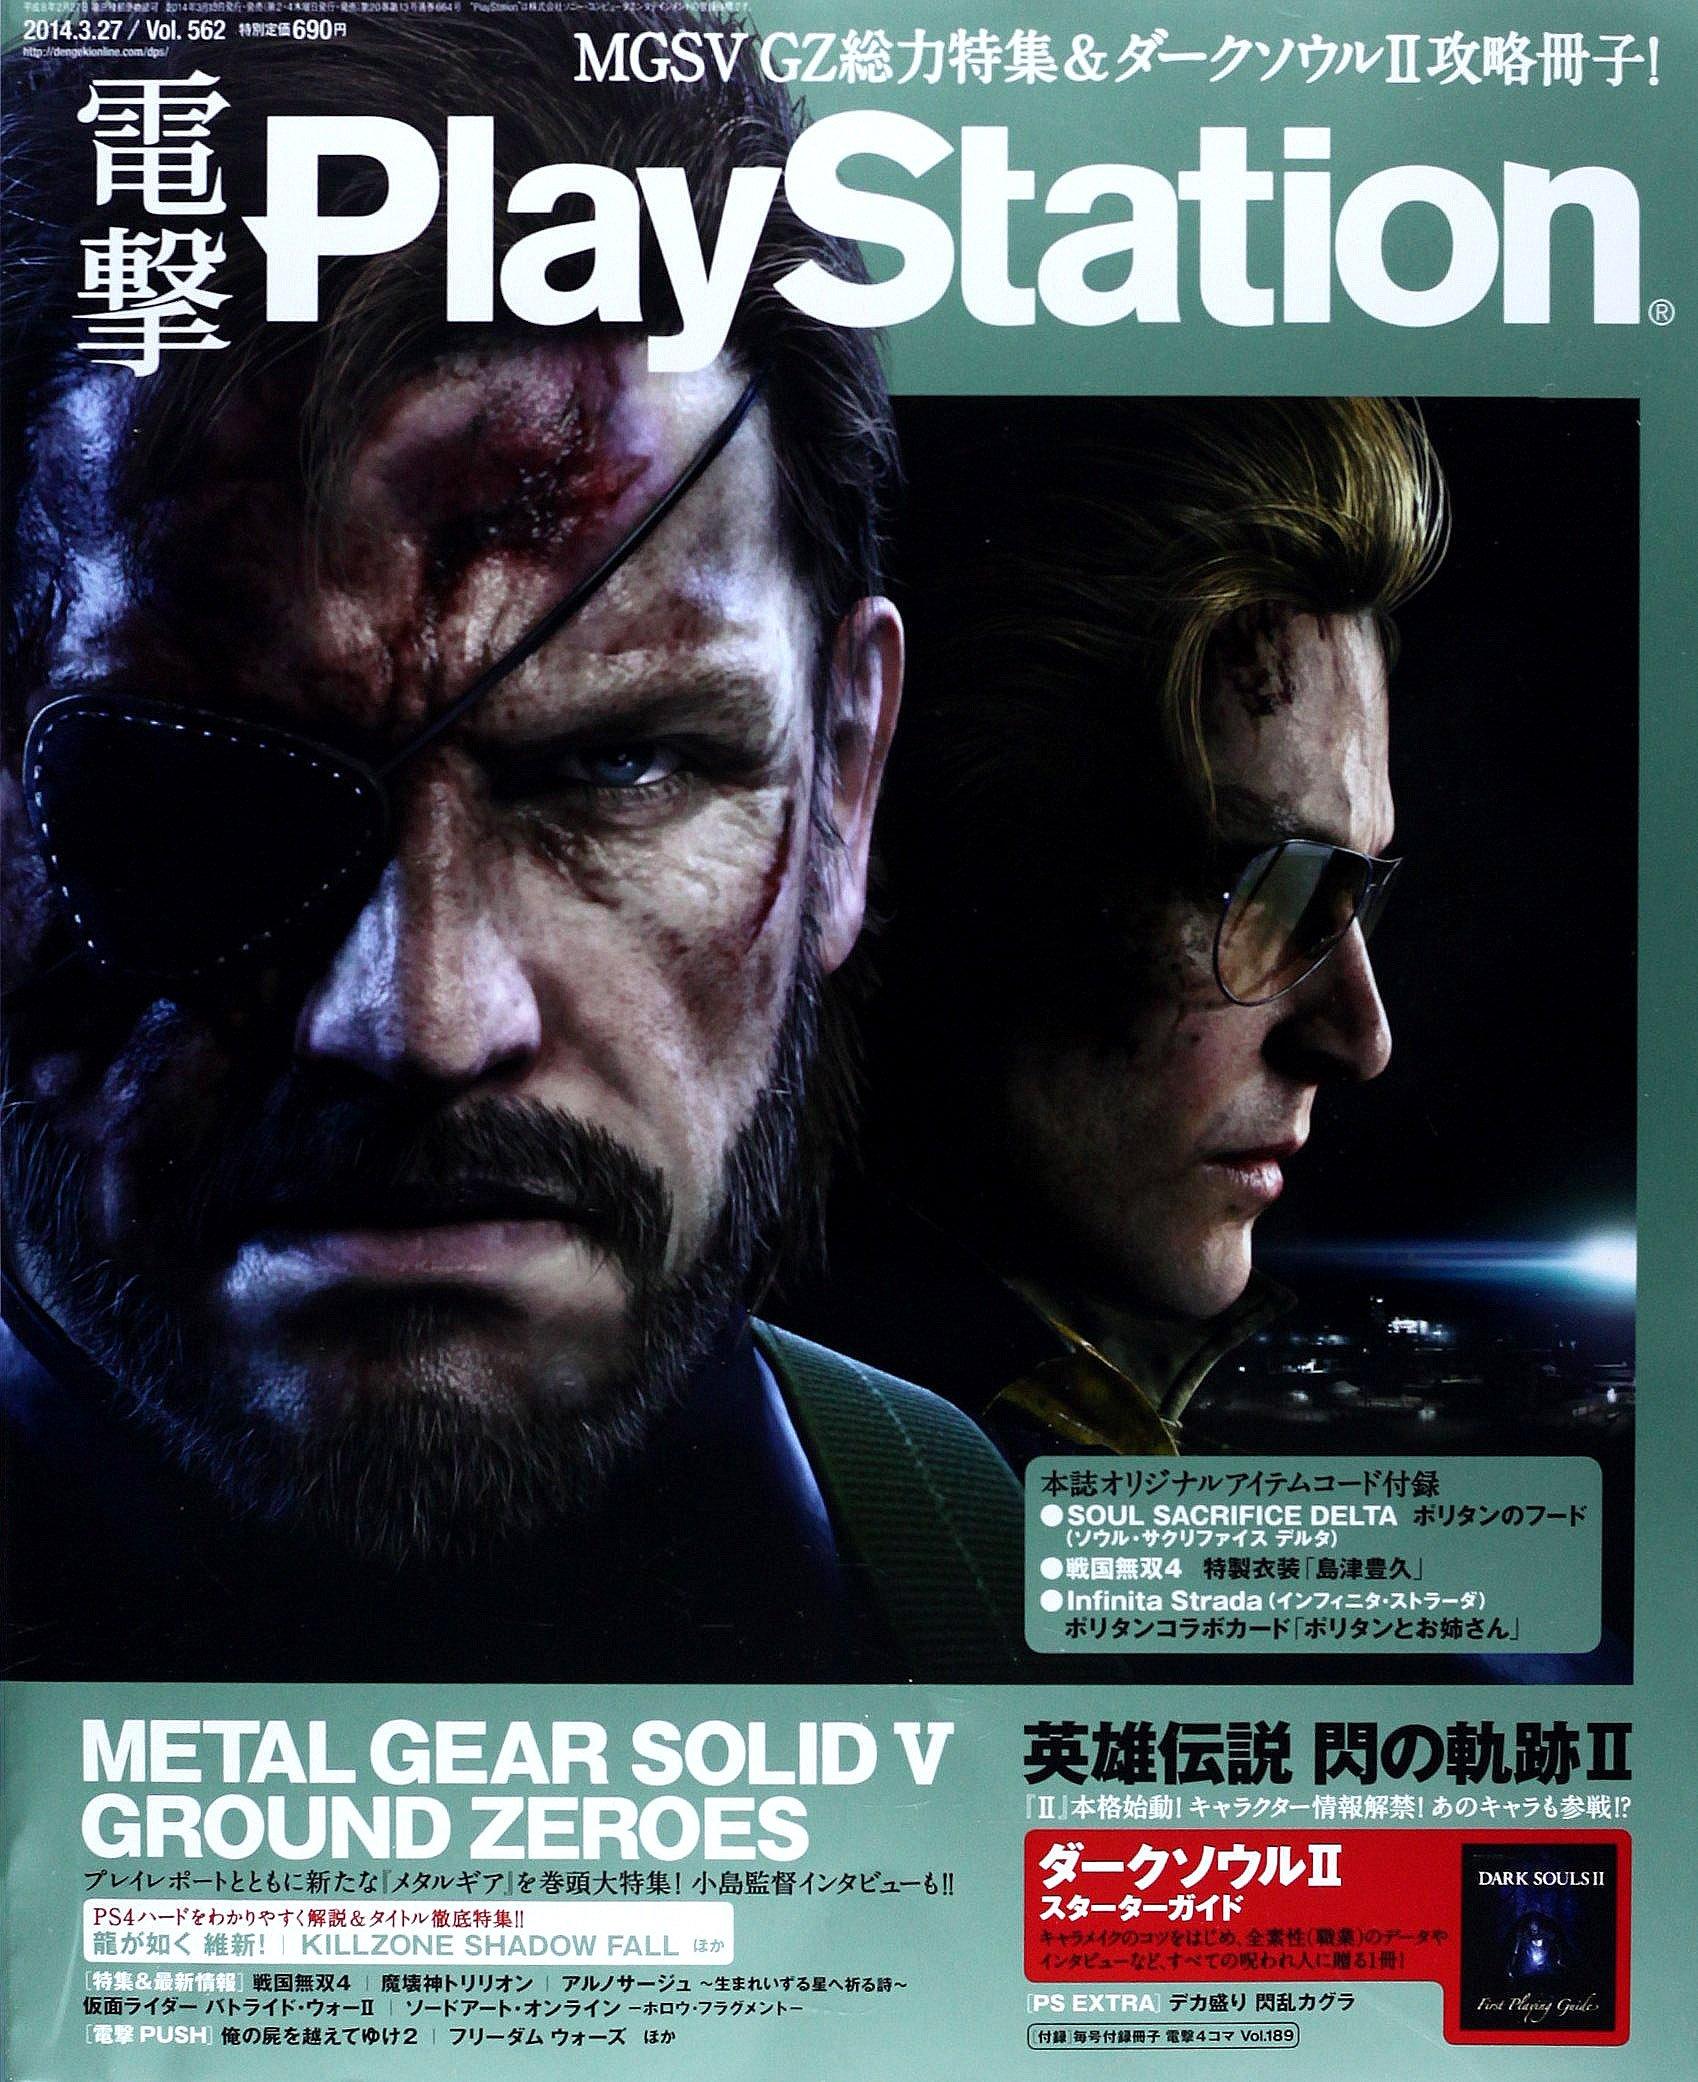 Dengeki PlayStation 562 (March 27, 2014)